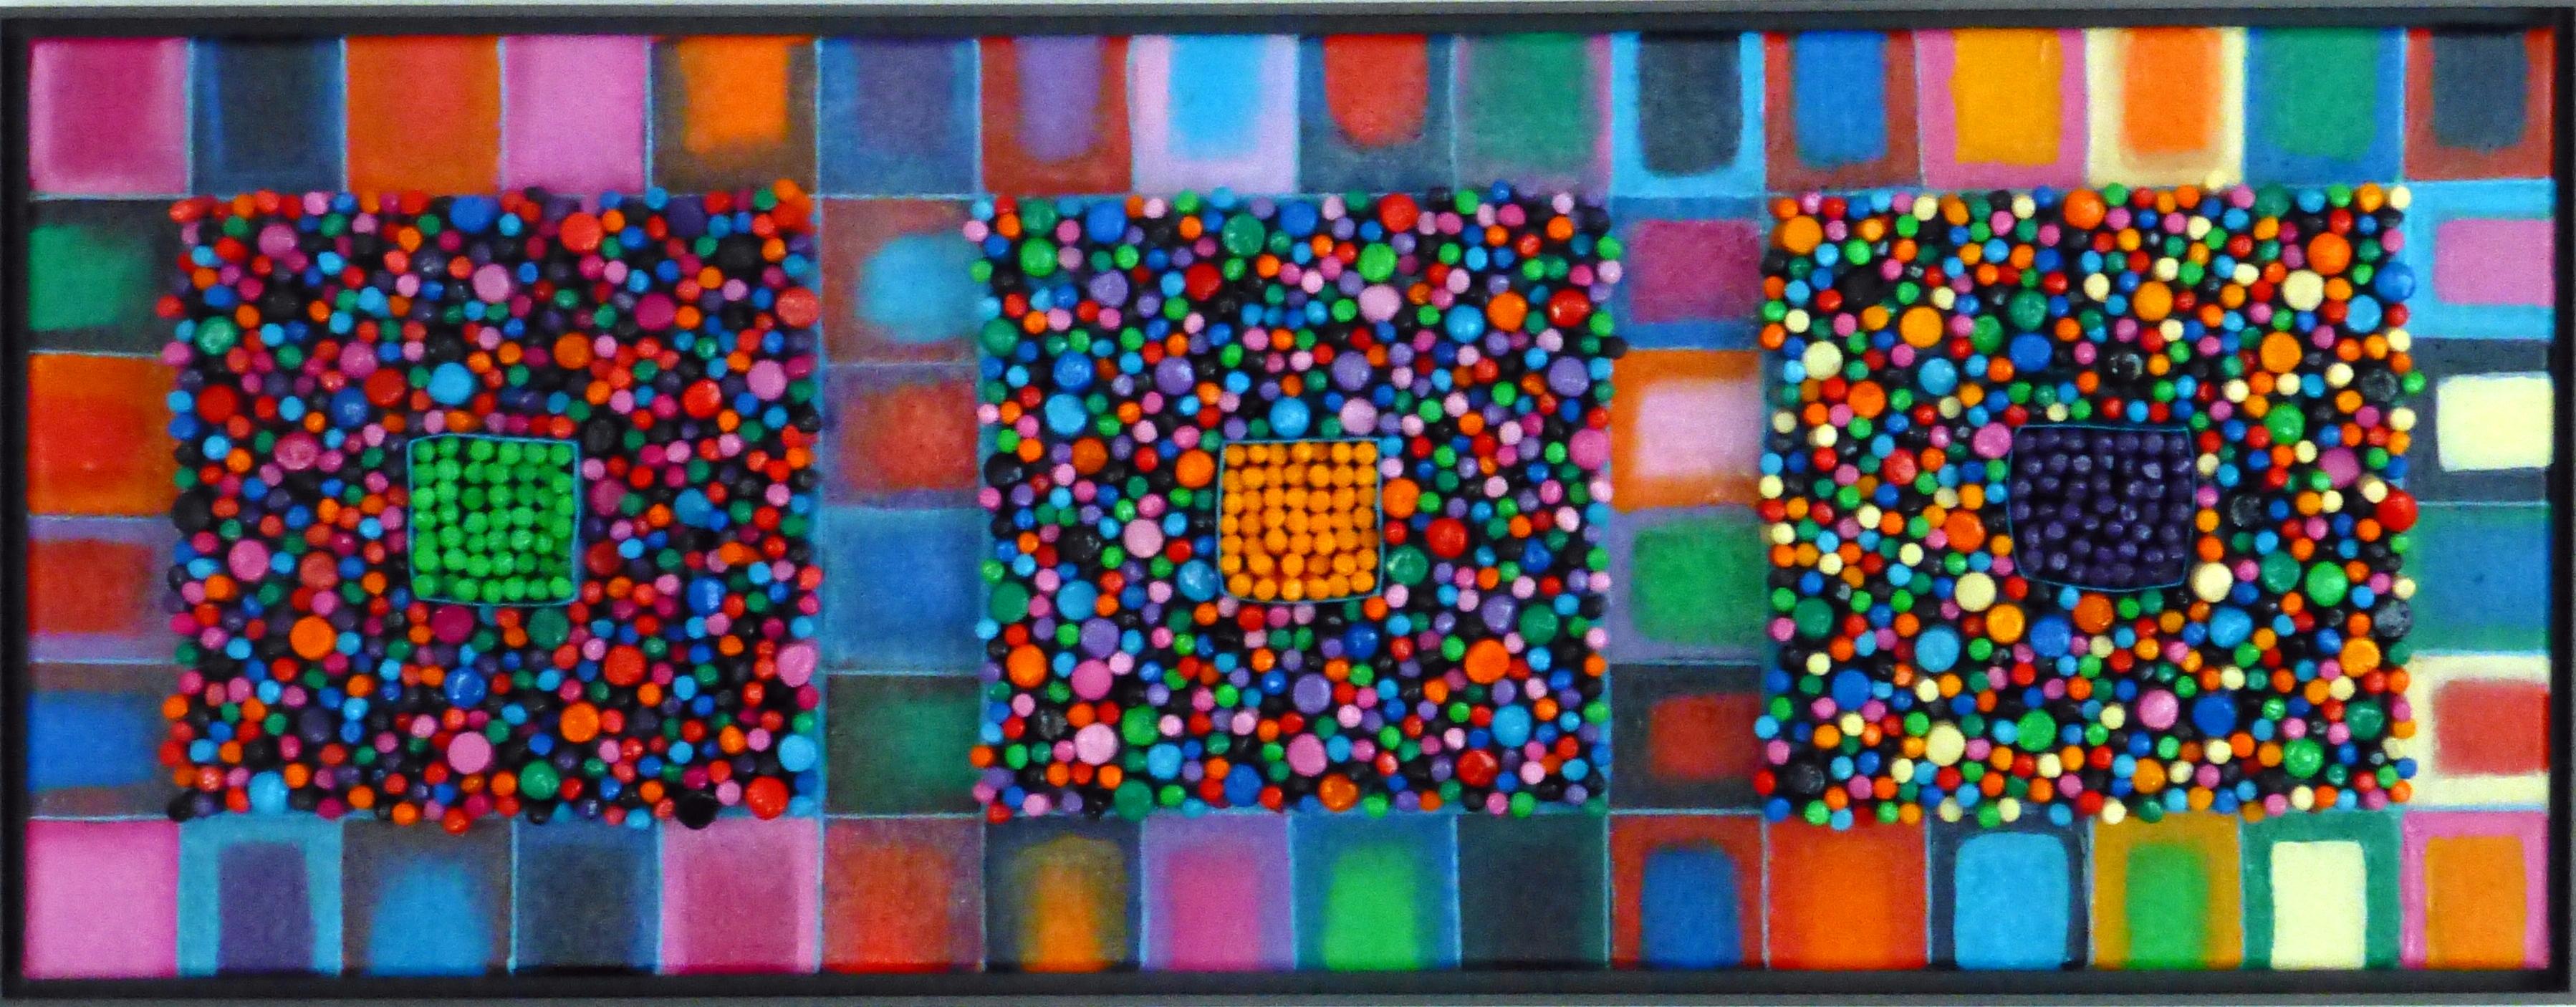 3 vierkanten met staafjes van klei, voor